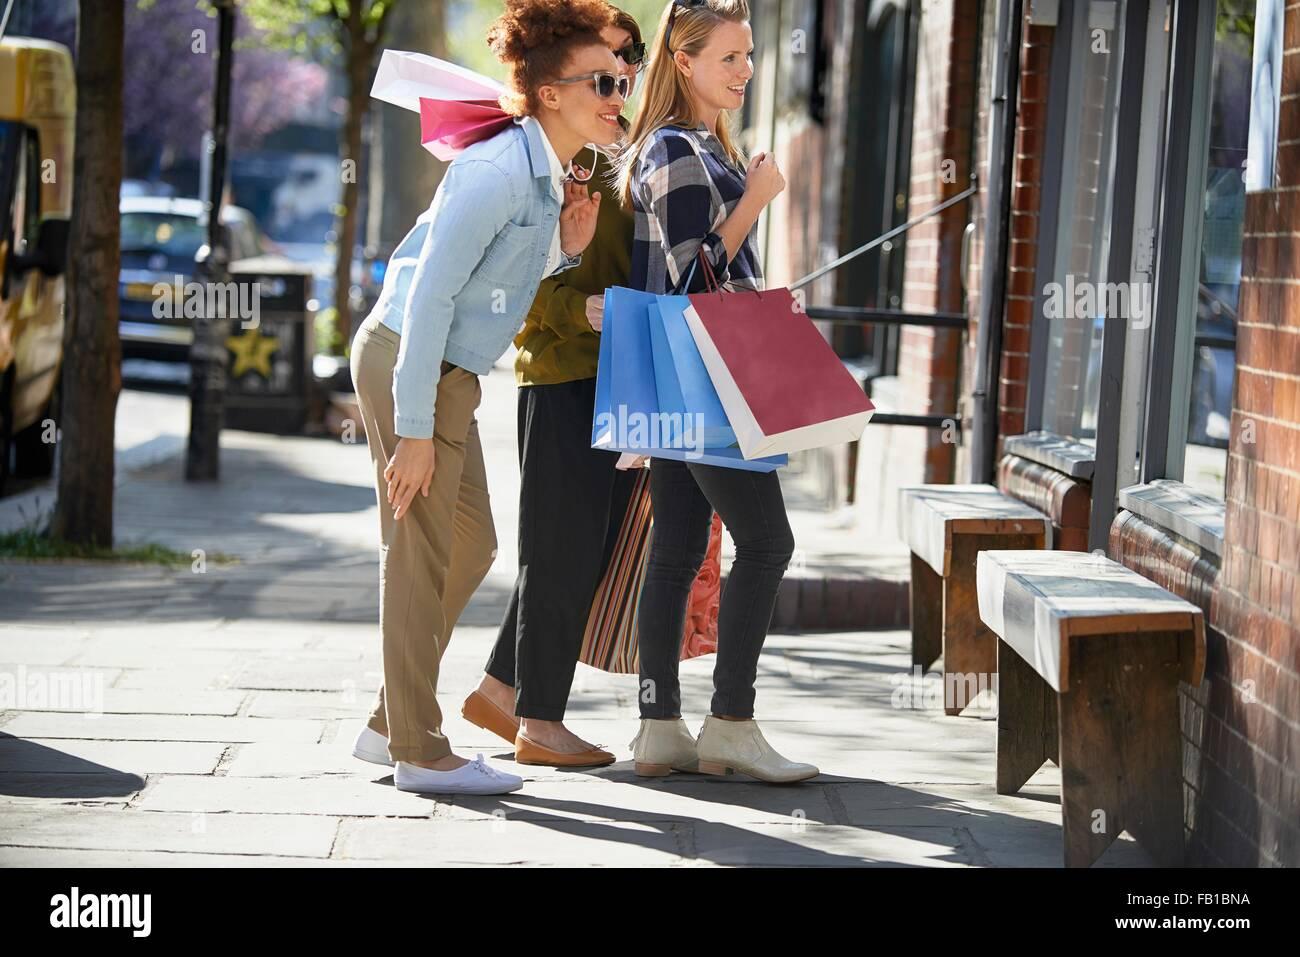 Vista lateral de la mujer sosteniendo las bolsas de compras en la calle de pie mirando en el escaparate Imagen De Stock